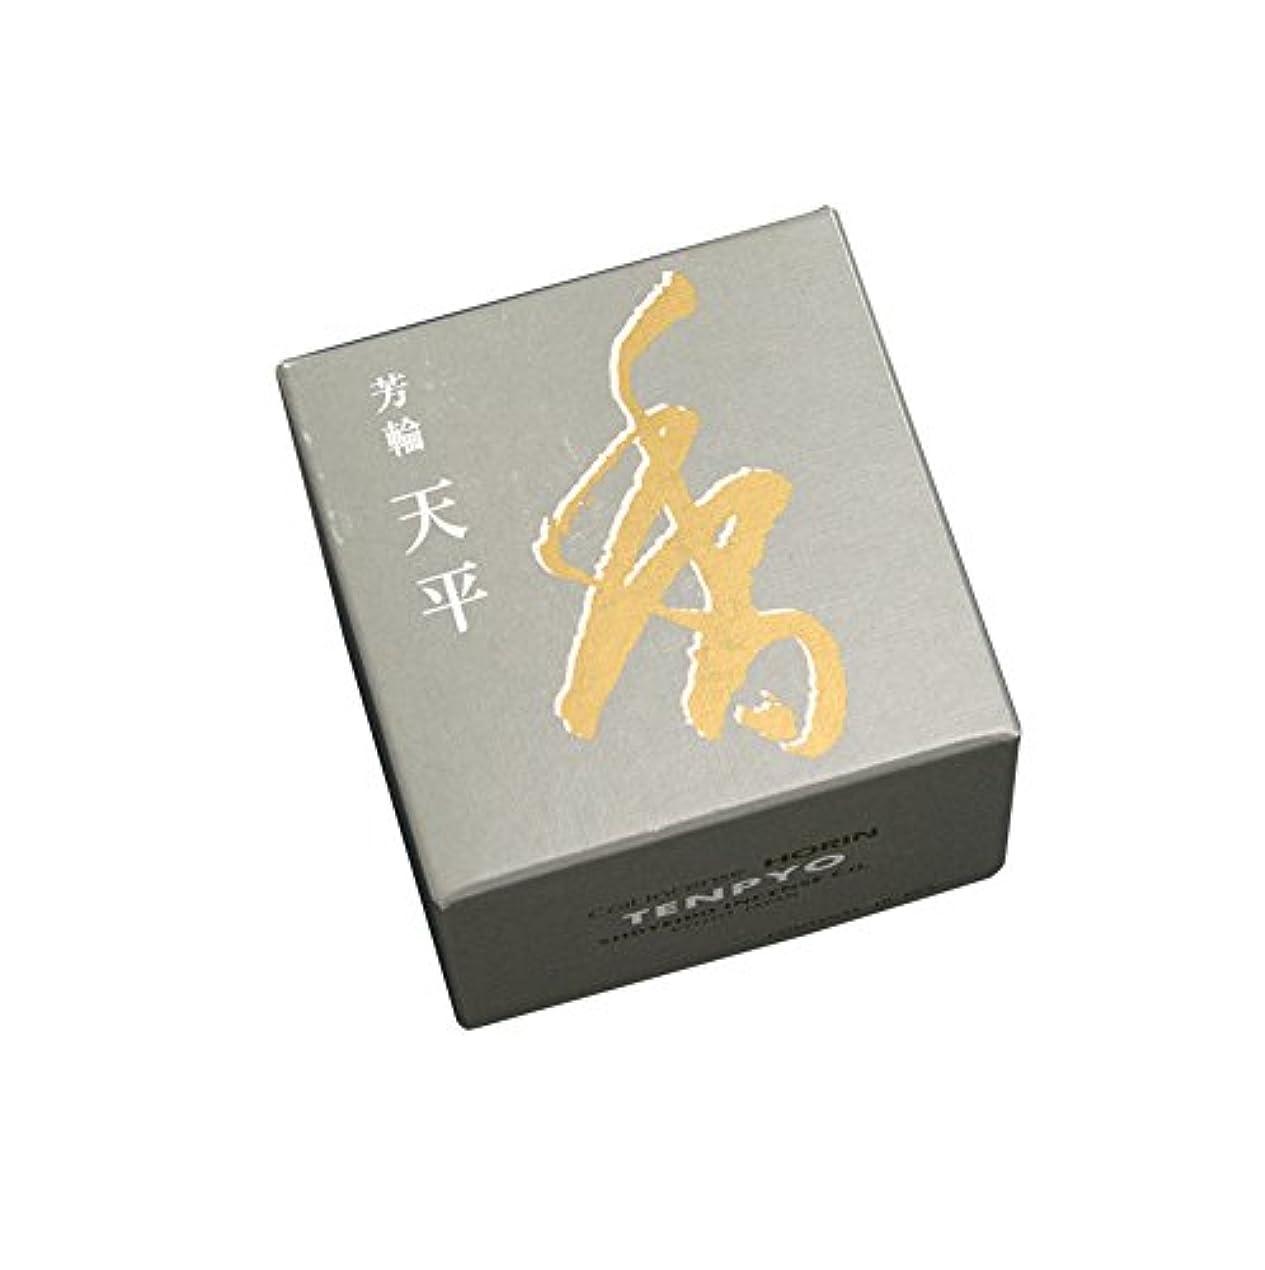 適切な研磨剤ドル松栄堂のお香 芳輪天平 渦巻型10枚入 うてな角型付 #210521